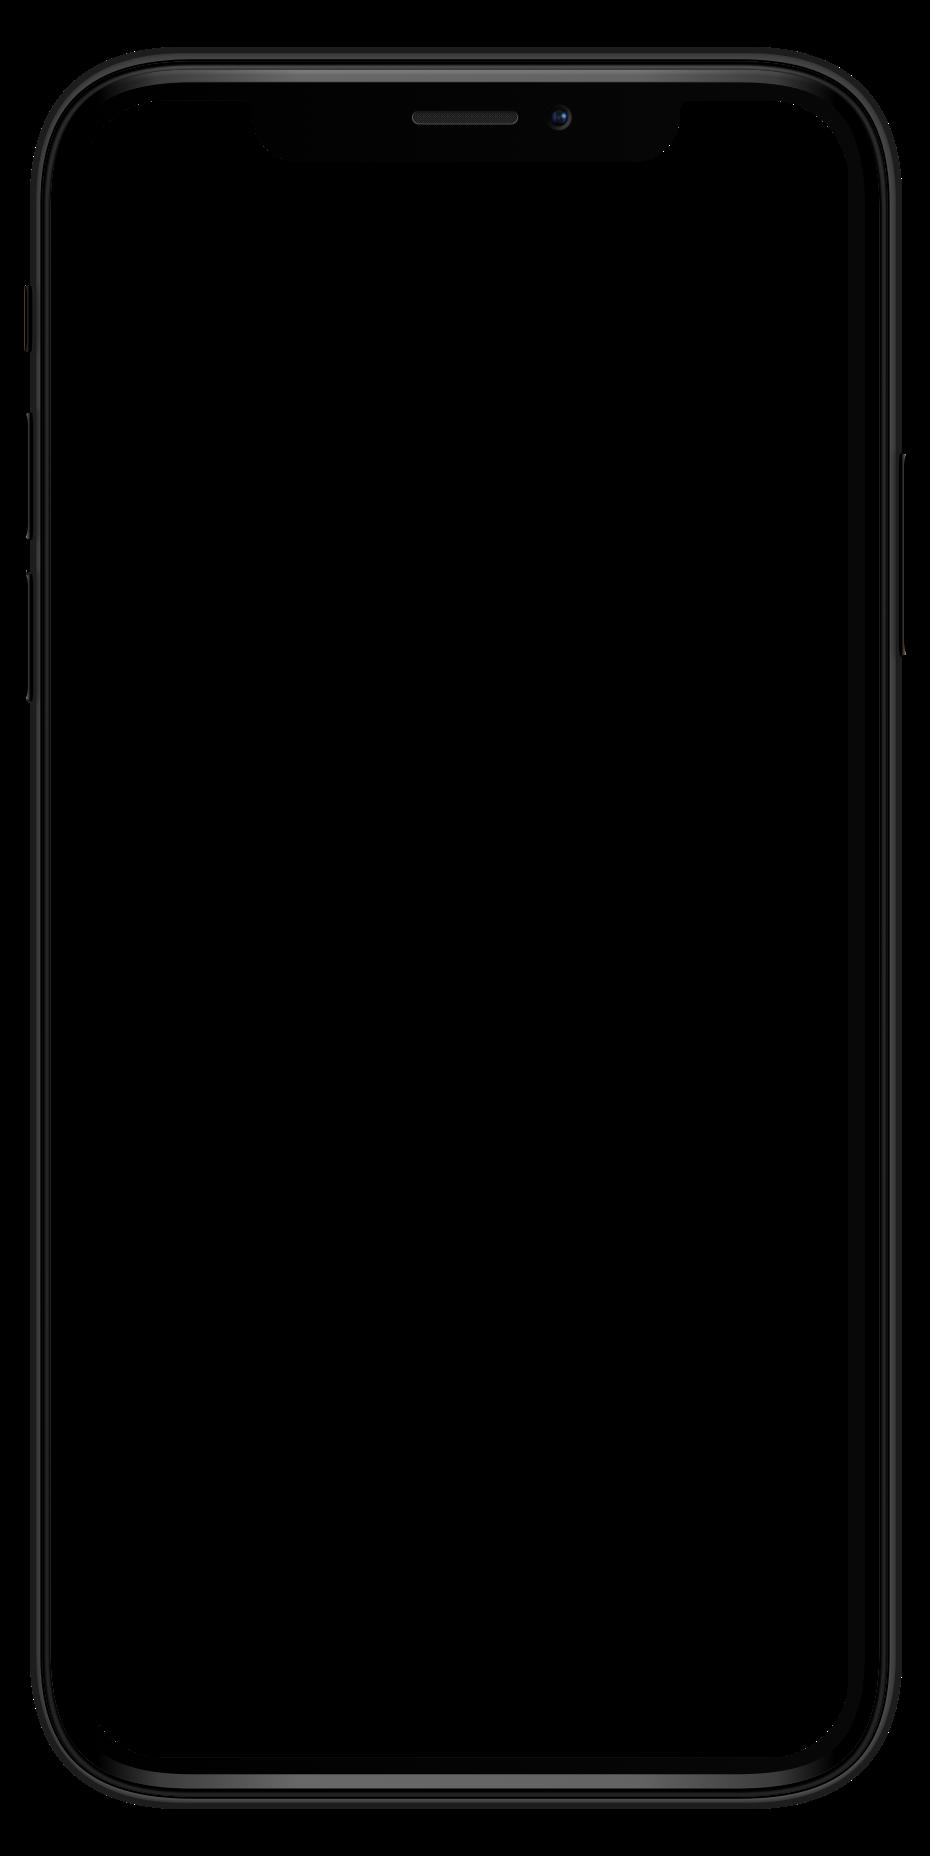 Auxy - Your Mobile Studio